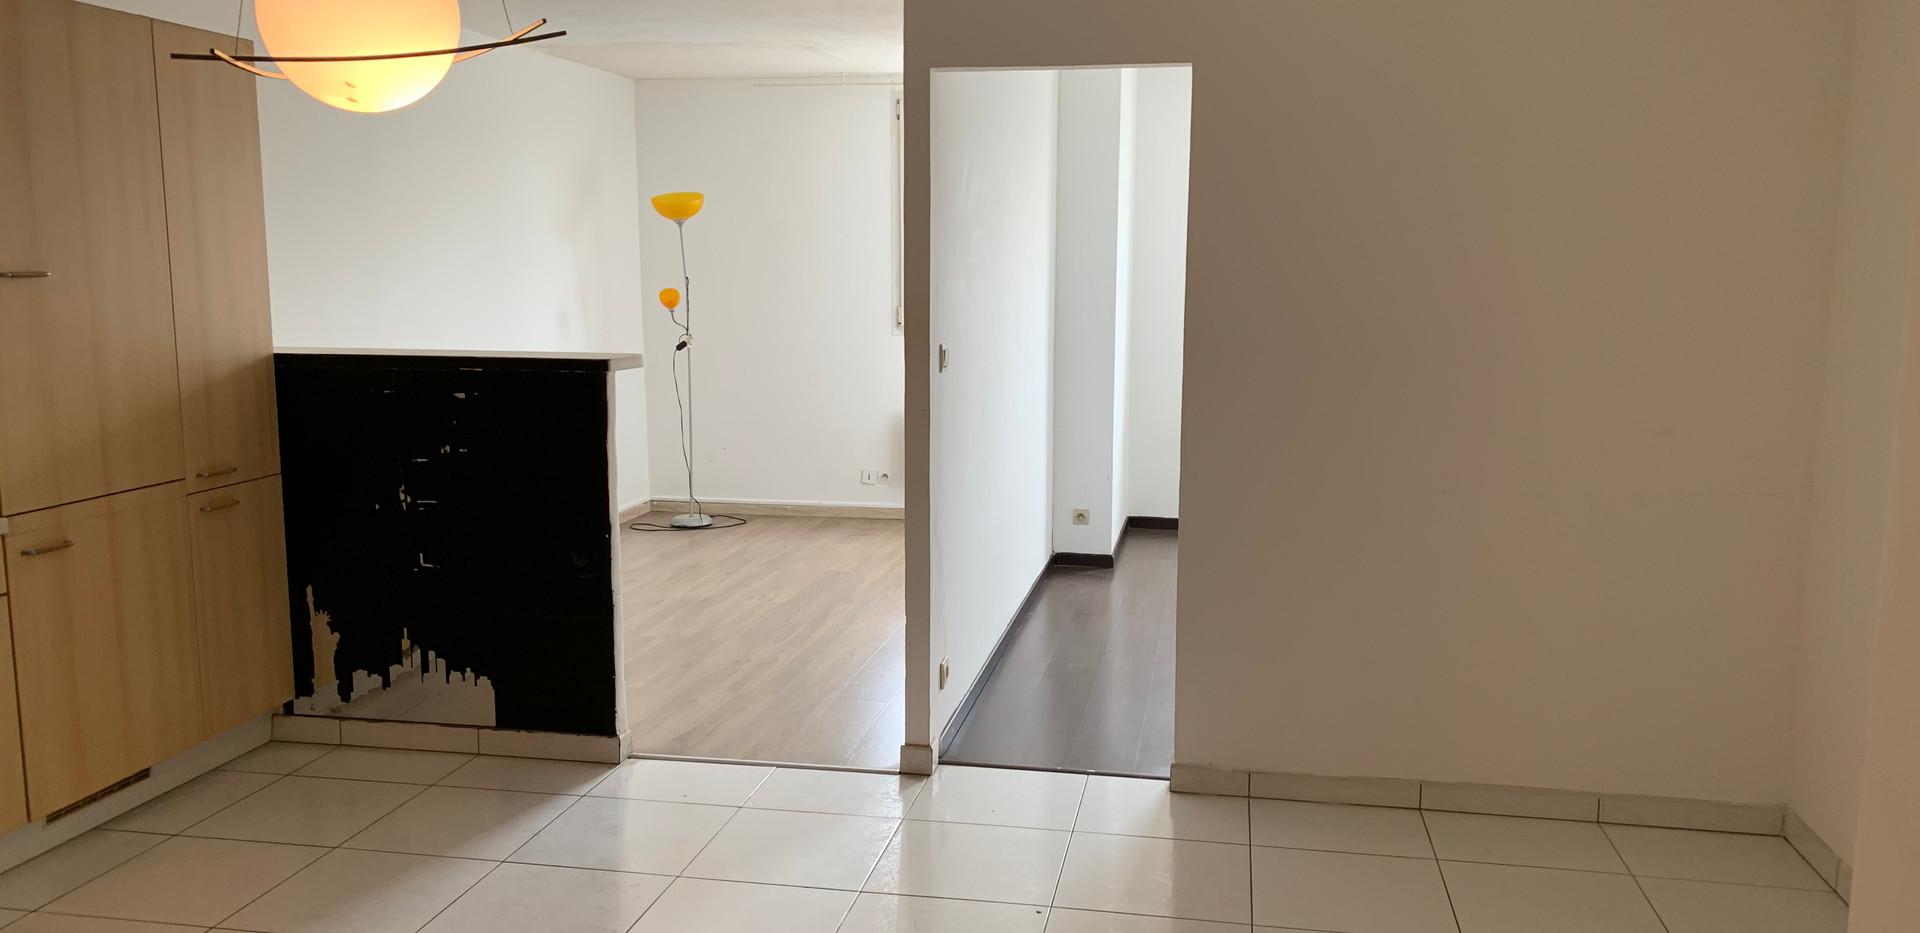 Photo de l'appartement, avant intervention